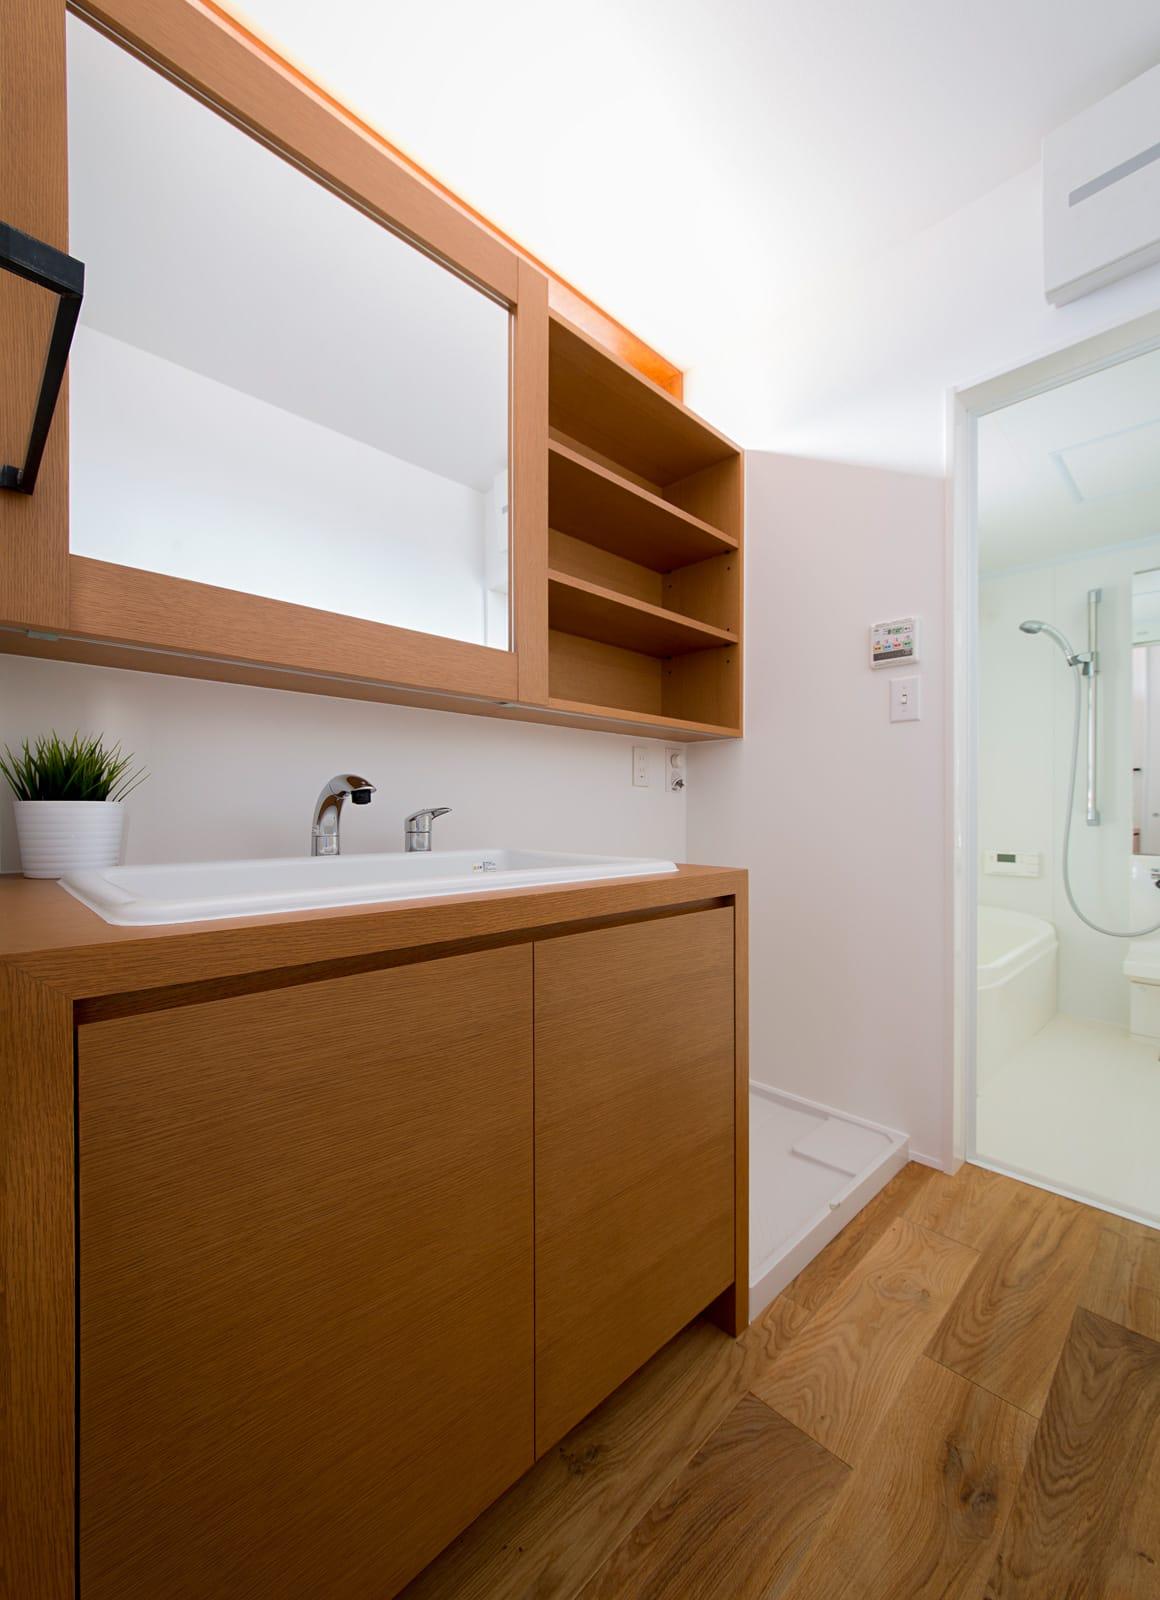 シンプルヴィンテージハウスの浴室・洗面室1